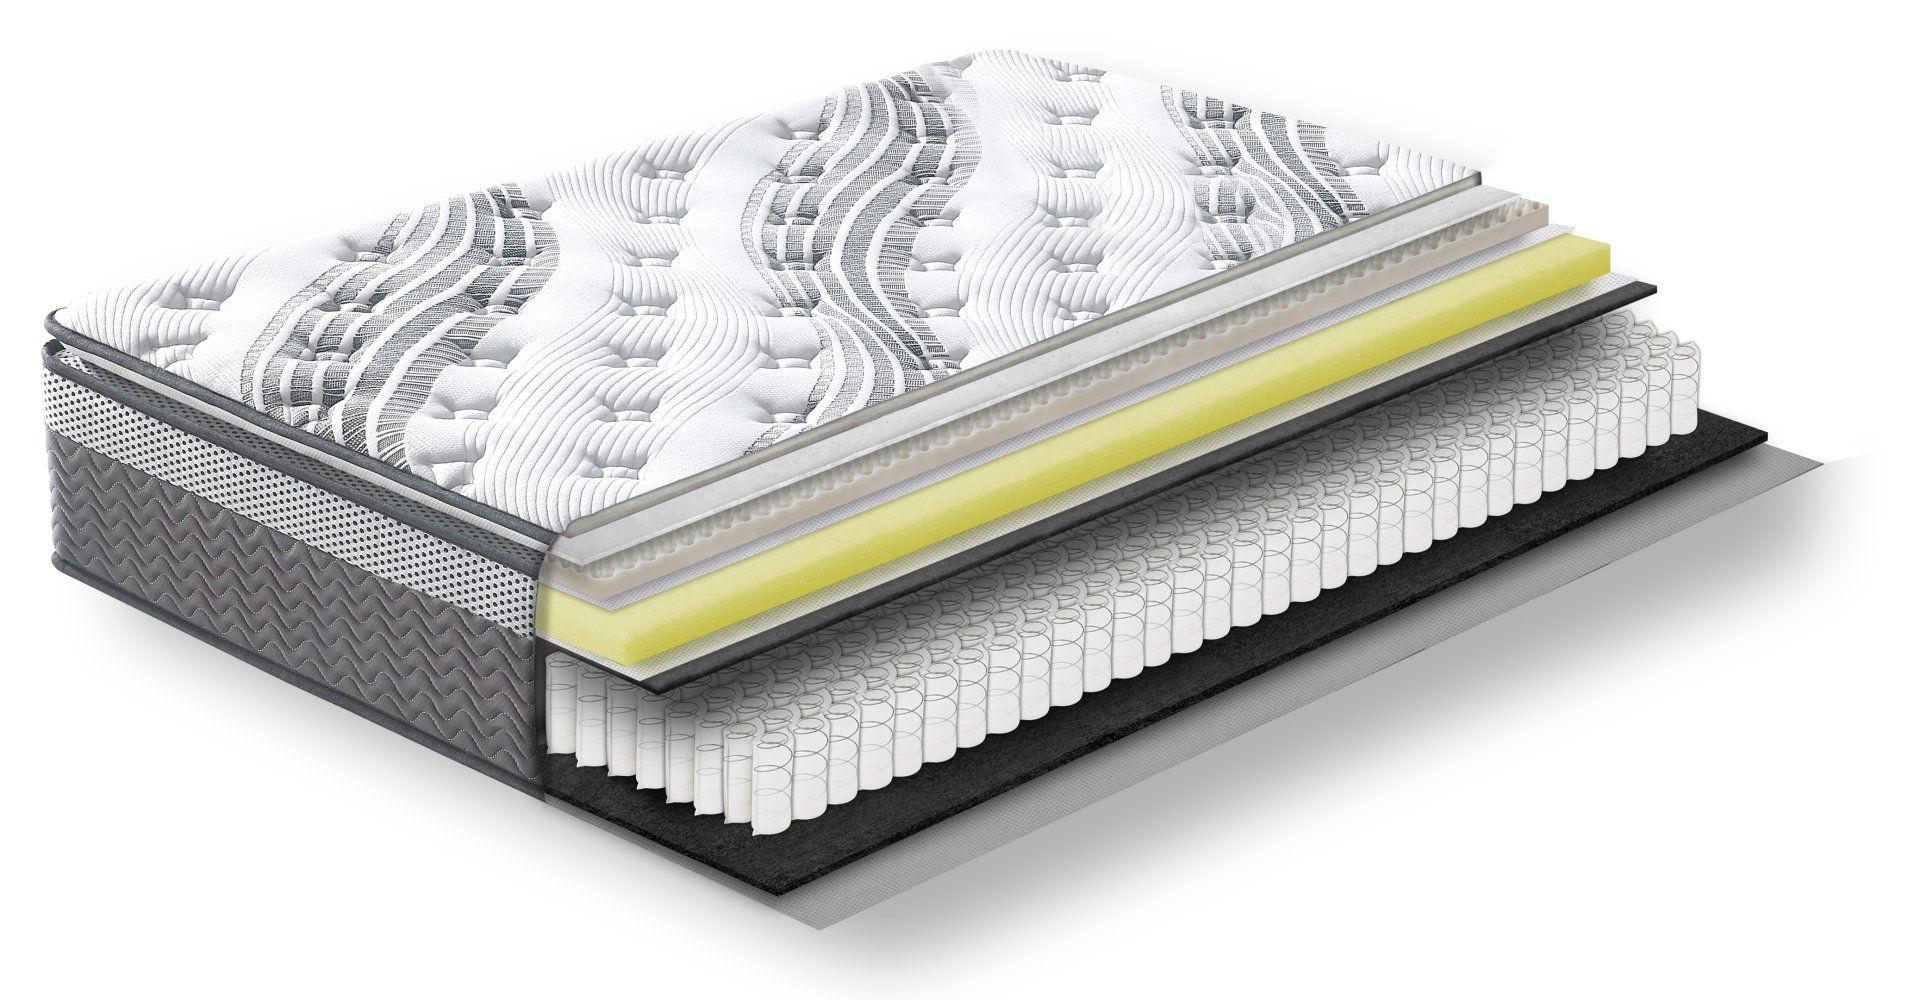 Steiner Premium Matratze Relax mit Taschenfederkern - Größe: 90 x 190 cm, Härtegrad H3-H4, Höhe: 33 cm